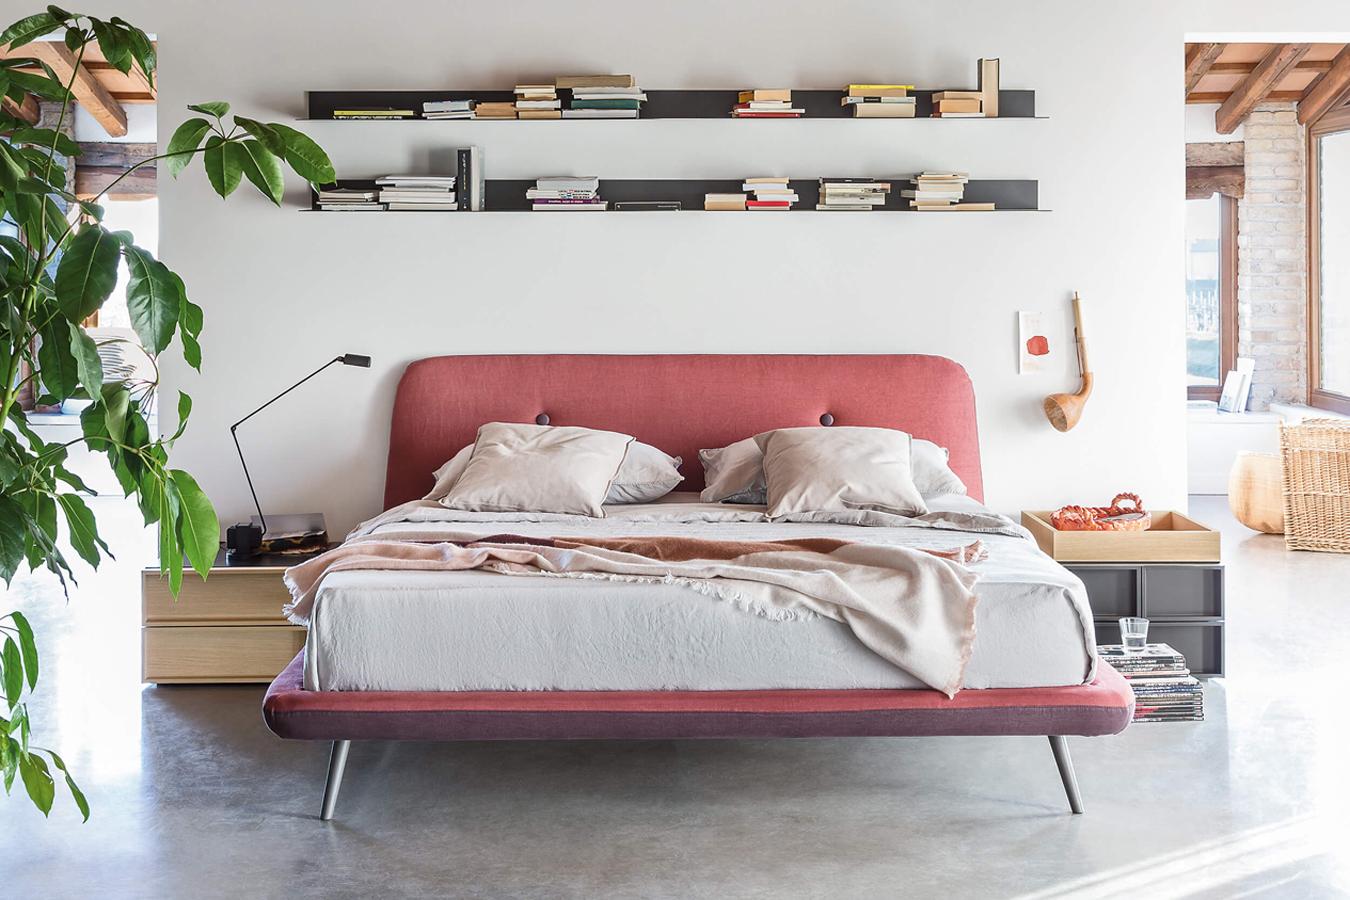 Camera da letto contemporaneacon mensole libri